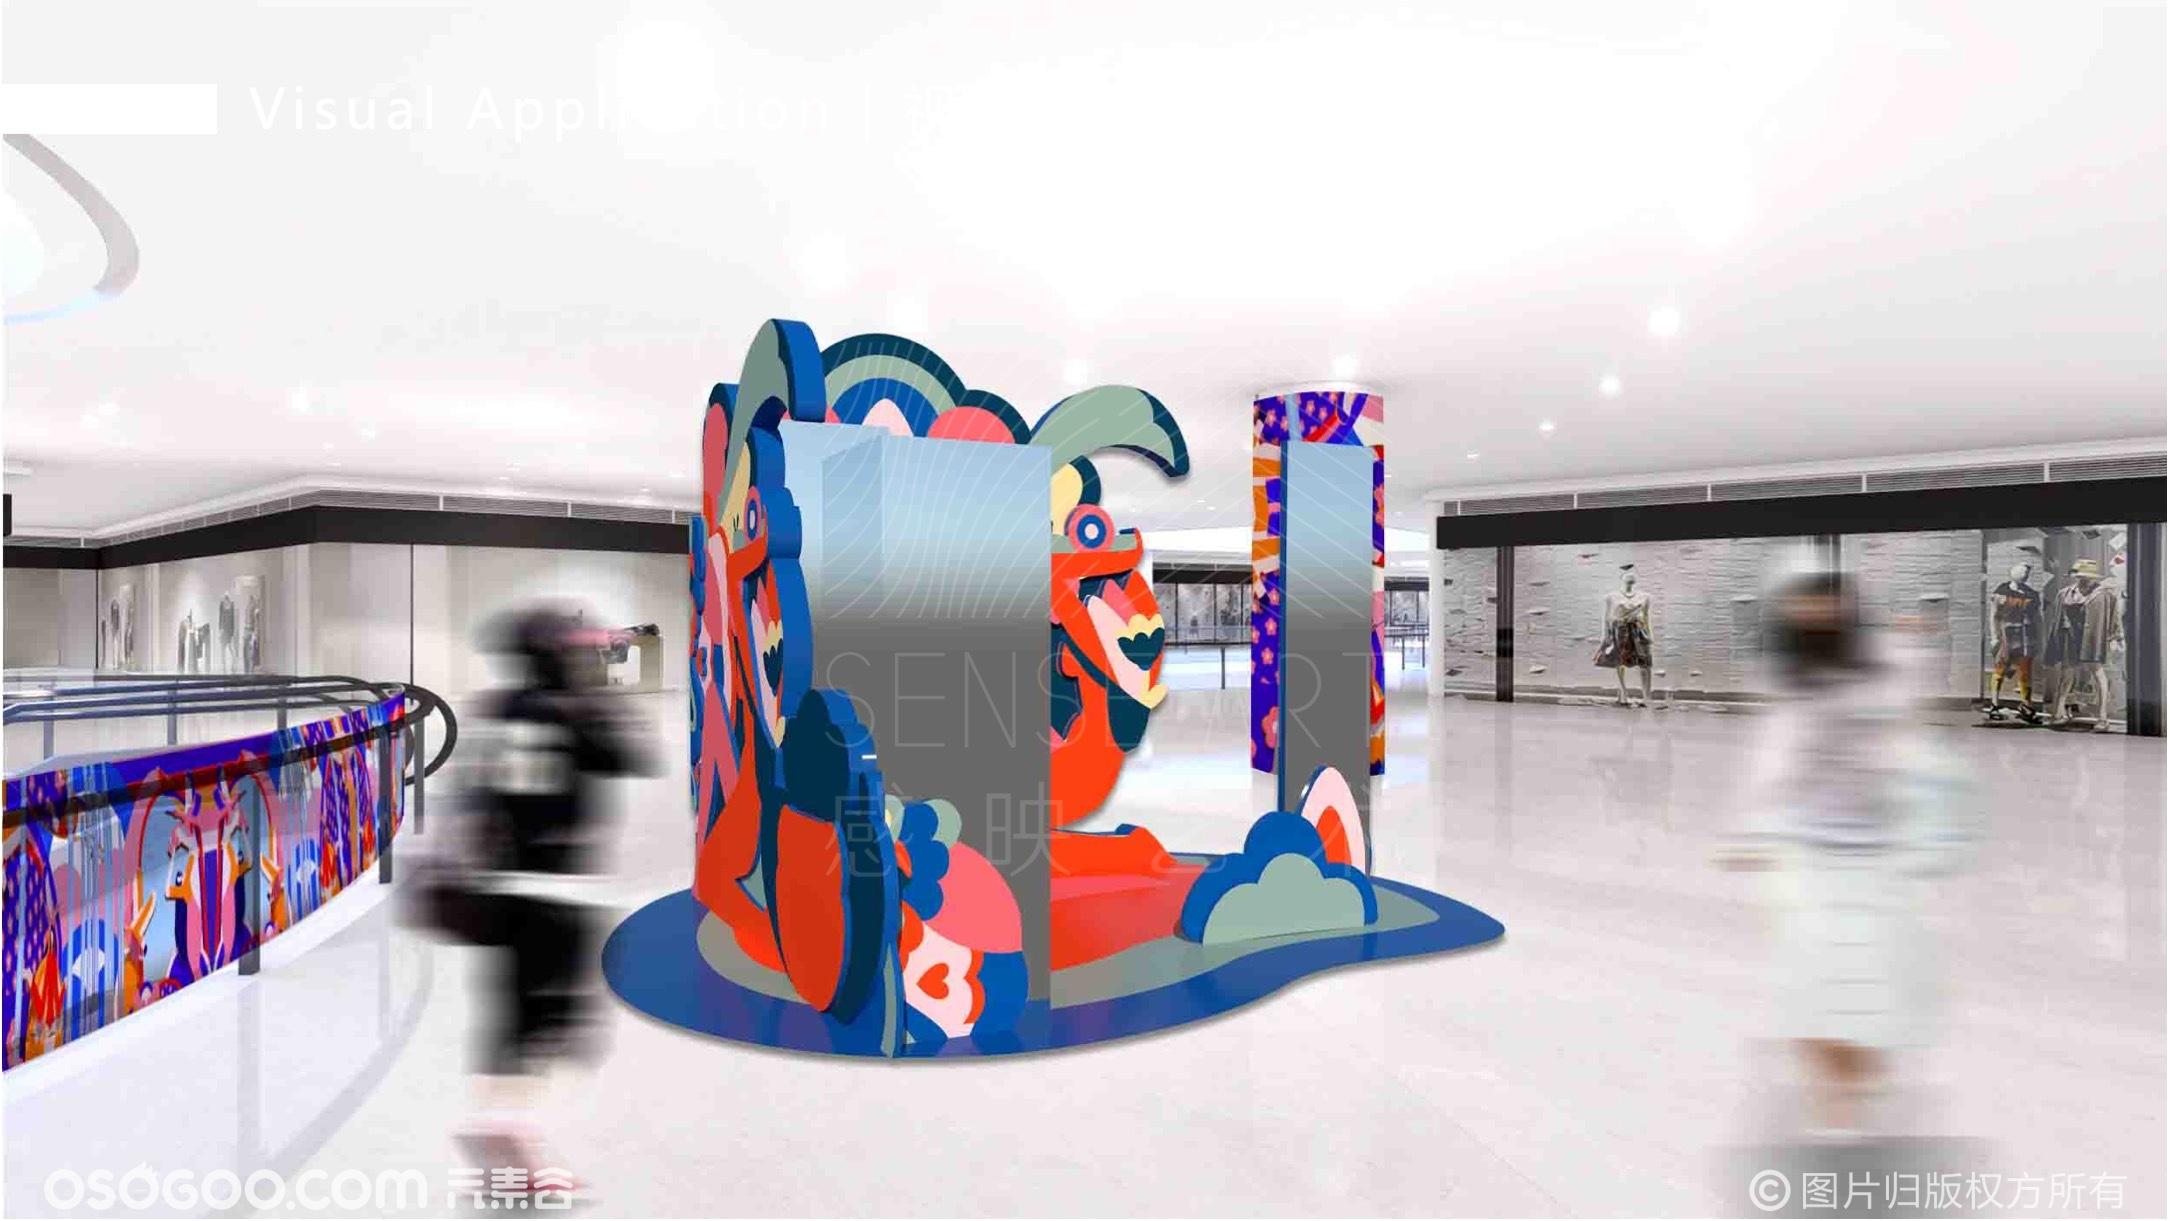 【繁华镜视界】墨西哥艺术家主题IP沉浸式体验展-感映艺术出品